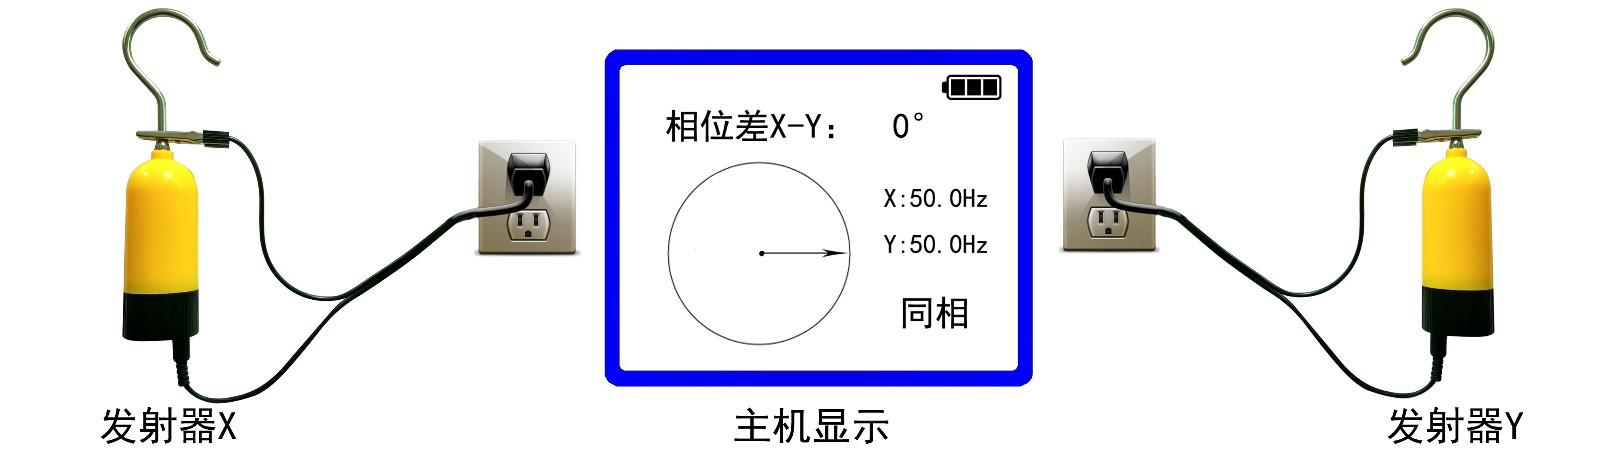 核相仪   一,工作原理 仪器由2个高压发射器x/y,2个低压发射器x1/y1,1